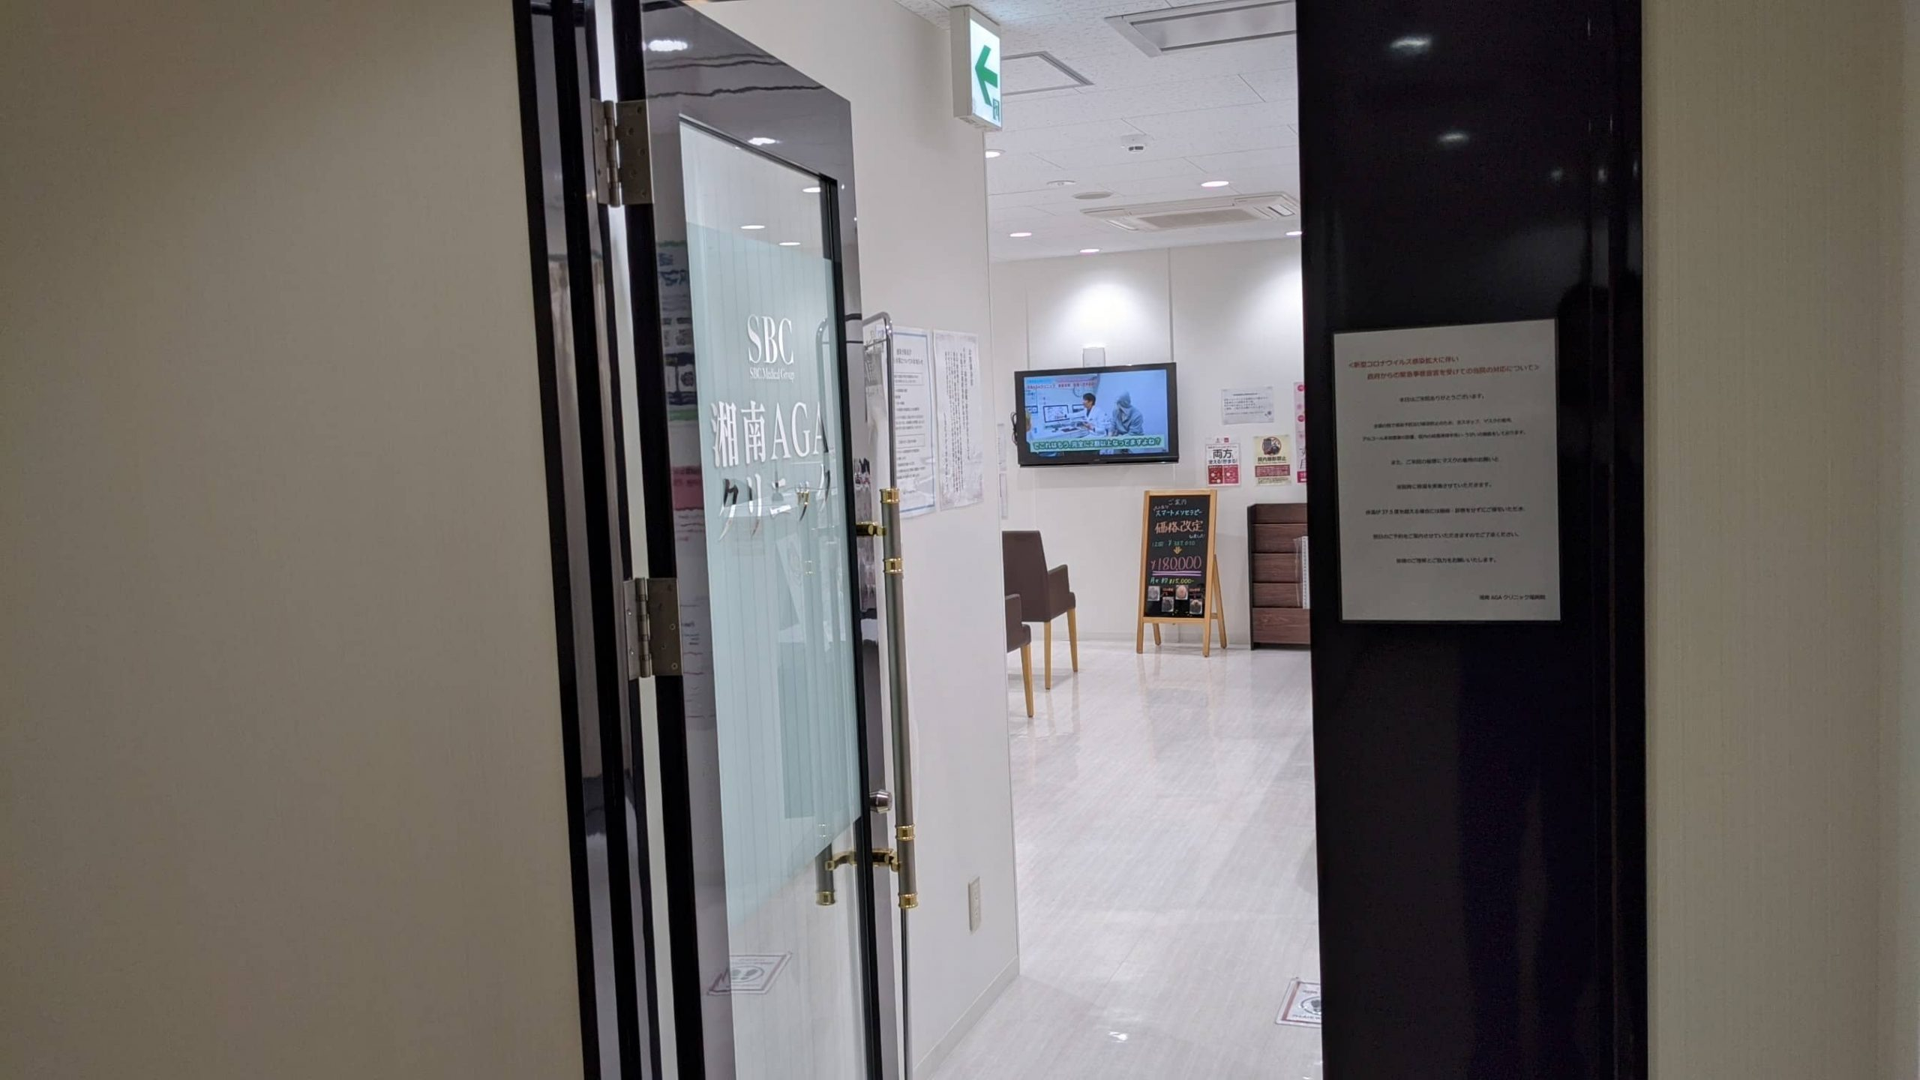 湘南美容クリニックAGA福岡院の入口の様子写真